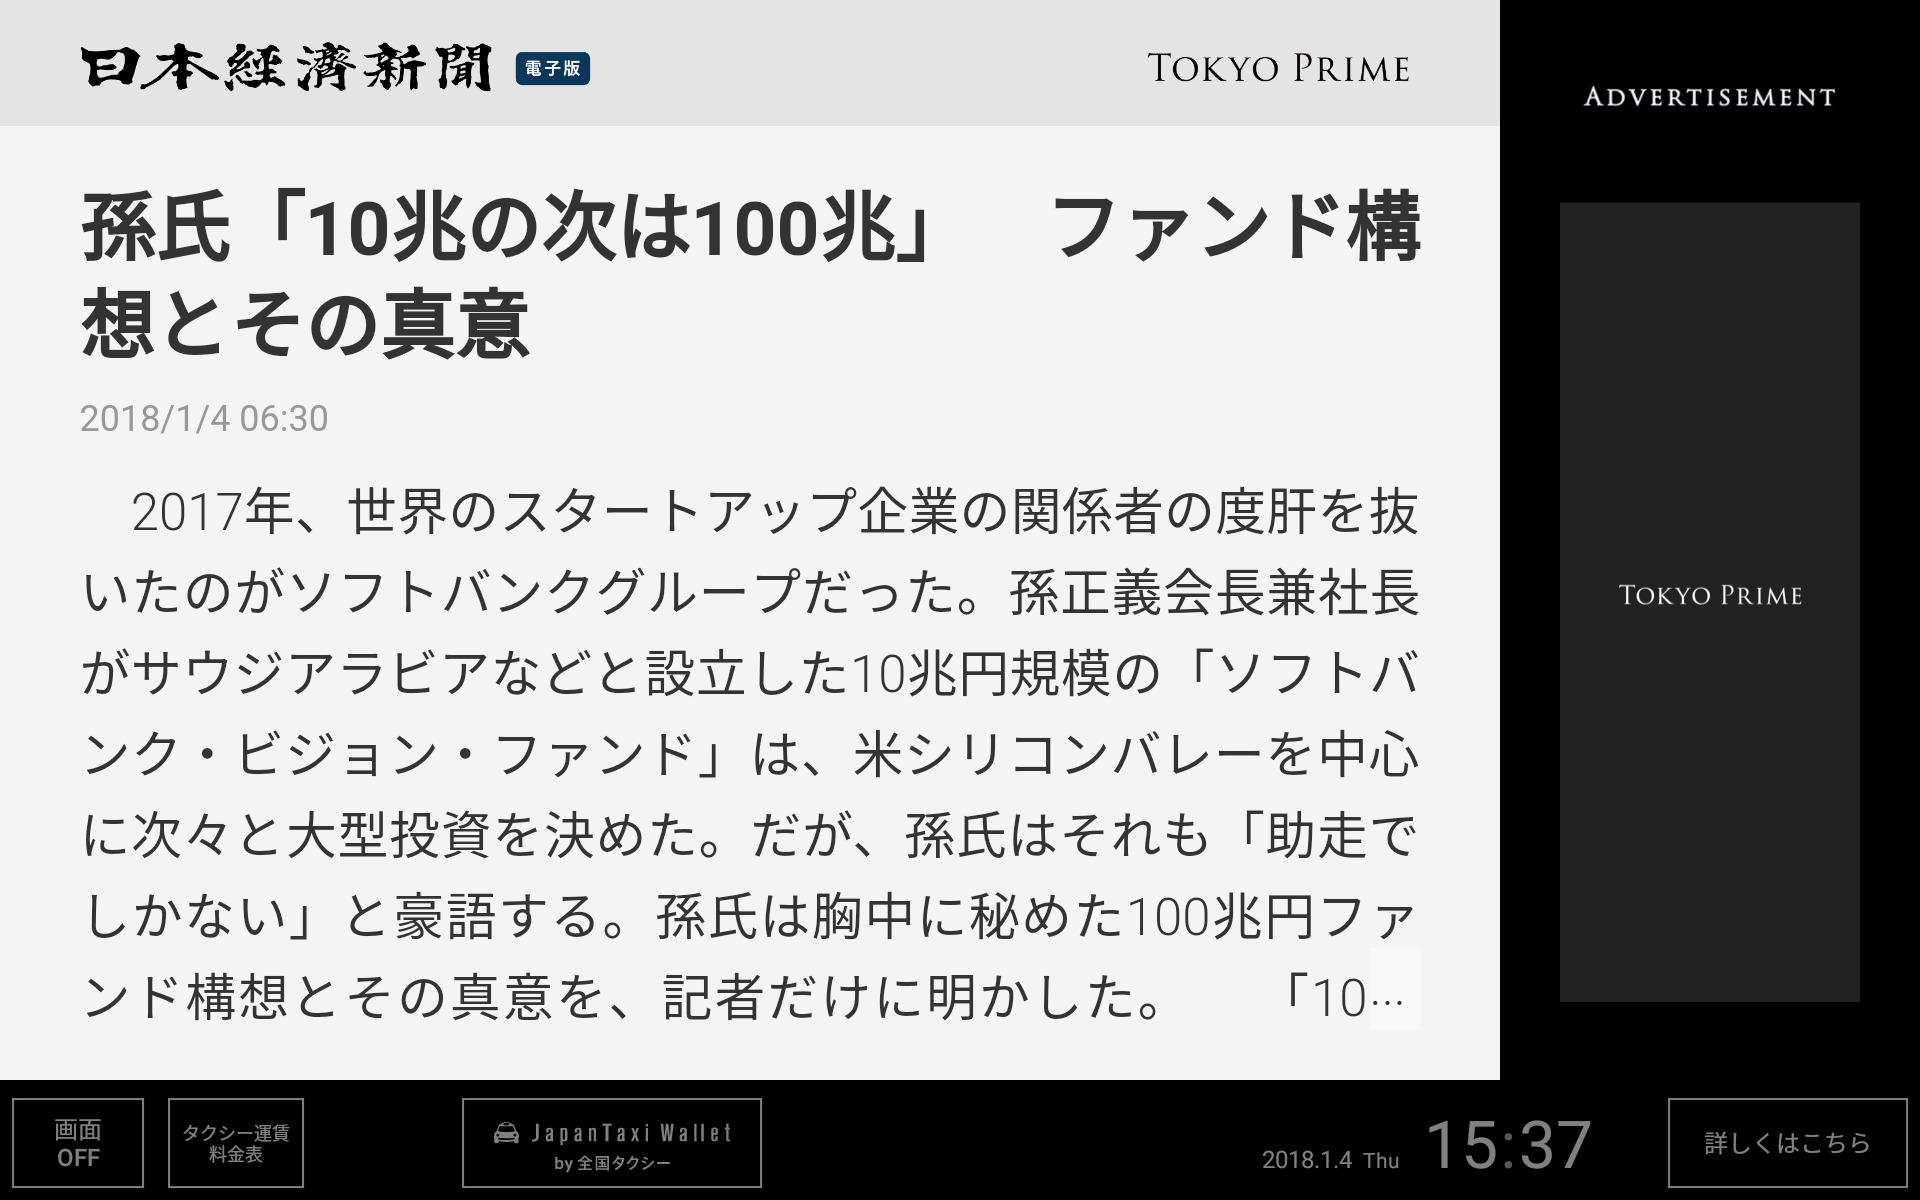 タクシー搭載デジタル・サイネージ Tokyo Prime、2018年4月2日より日経電子版の新着記事を配信開始へ